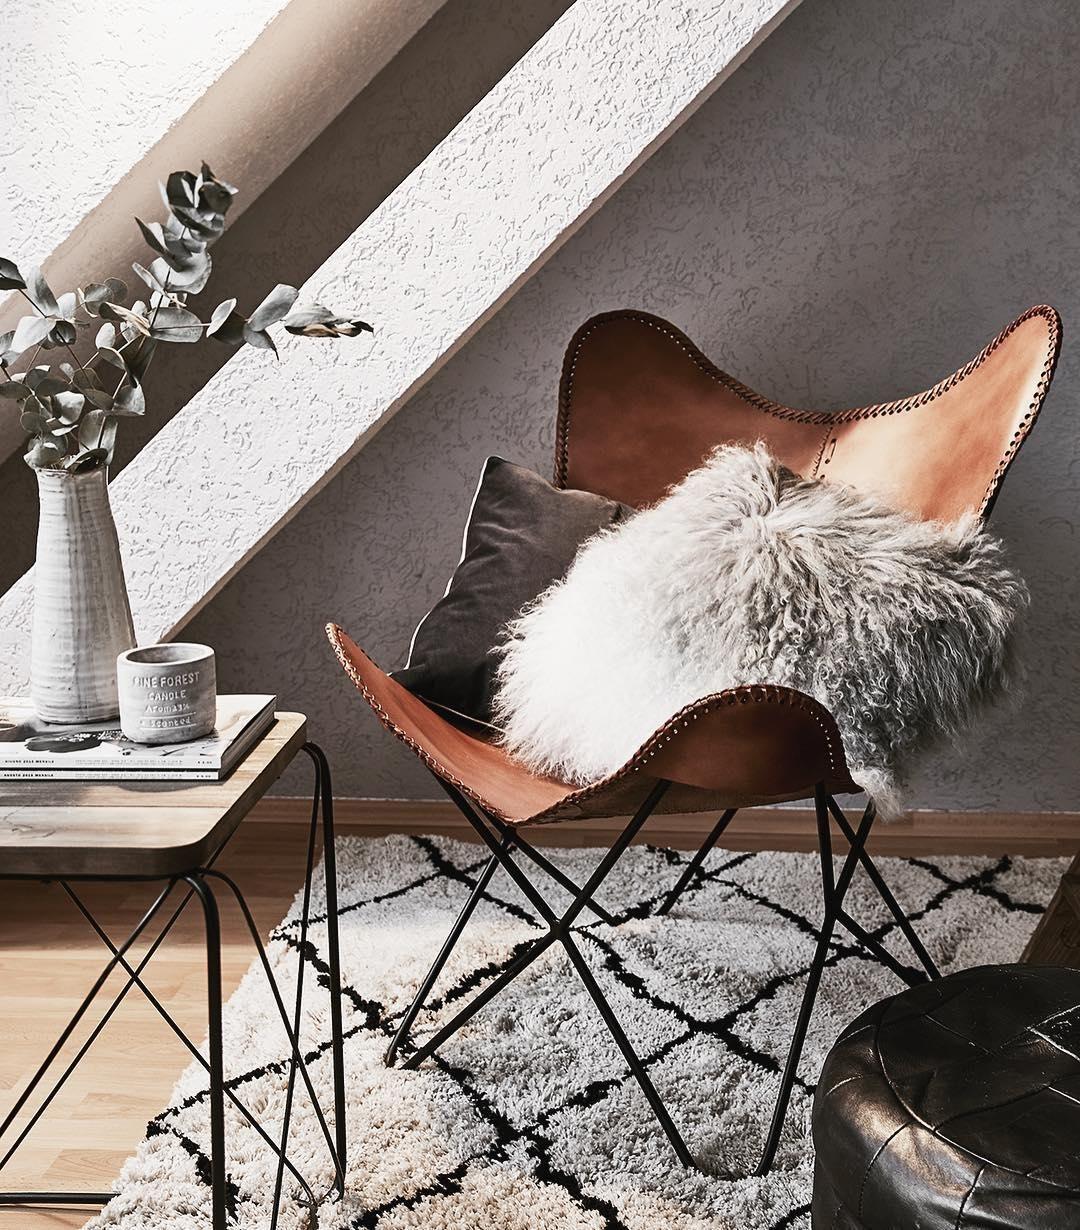 Der Butterfly Sessel Aus Braunem Leder Ist Das It Piece In Diesem Wohnzimmer.  Das